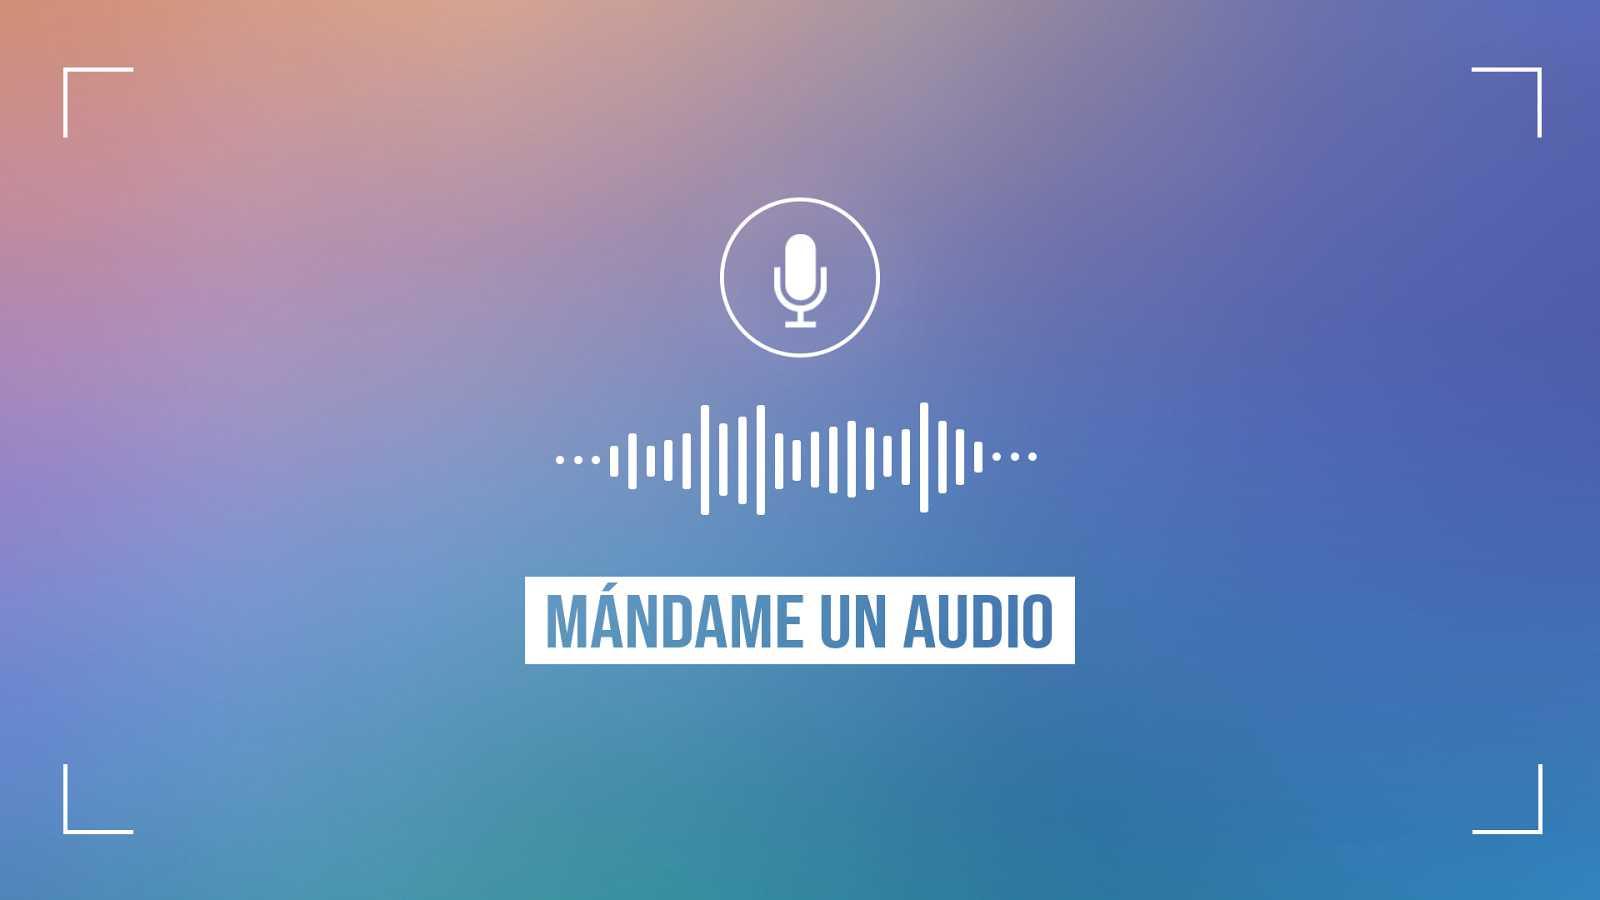 Mándame un audio - Lidia García (Queer Cañí Bot) - 18/10/21 - Escuchar ahora